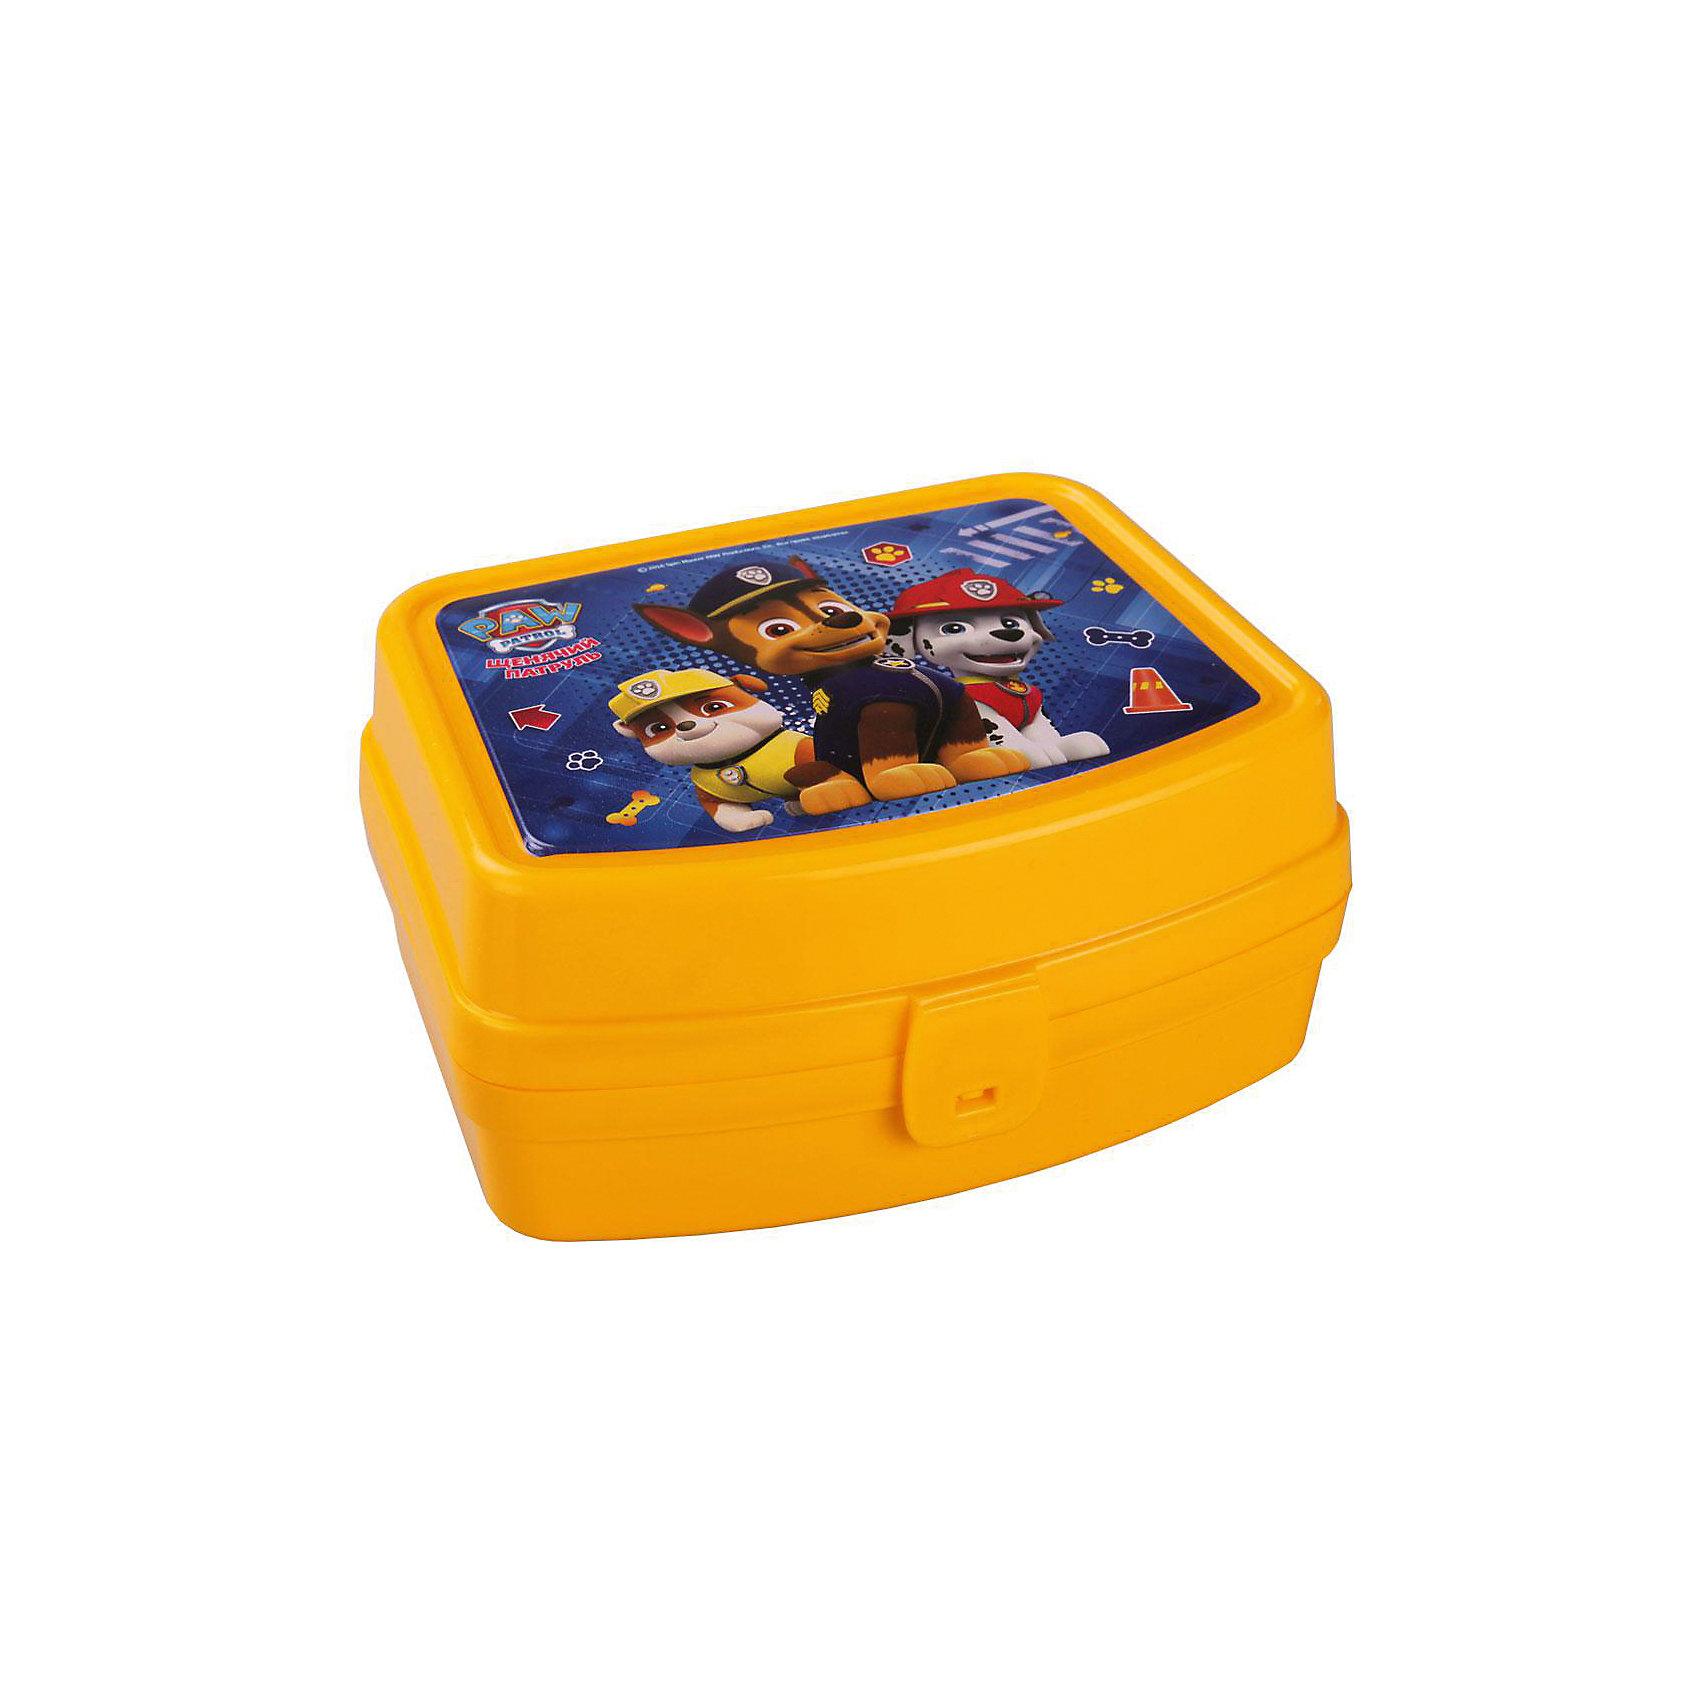 Контейнер Щенячий патруль прямоуголный, AlternativaДетская посуда<br>Контейнер Щенячий патруль прямоуголный, Alternativa.<br><br>Характеристики:<br><br>• Для детей в возрасте: от 3 до 7 лет<br>• Материал: пластик<br>• Цвет: желтый<br>• Размер: 16,5х13,5х8 см.<br>• Вес: 140 гр.<br><br>Яркий прямоугольный контейнер с изображением щенков-спасателей из мультсериала Щенячий патруль порадует Вашего ребенка. Он отлично подойдет для хранения самых ценных вещей вашего малыша. Контейнер изготовлен из безопасного пластика, плотно закрывается крышкой с удобным замком. Контейнер компактен, не займет много места. Соответствует требованиям безопасности и стандартам качества продукции.<br><br>Контейнер Щенячий патруль прямоуголный, Alternativa можно купить в нашем интернет-магазине.<br><br>Ширина мм: 165<br>Глубина мм: 135<br>Высота мм: 80<br>Вес г: 140<br>Возраст от месяцев: 36<br>Возраст до месяцев: 84<br>Пол: Мужской<br>Возраст: Детский<br>SKU: 5614412